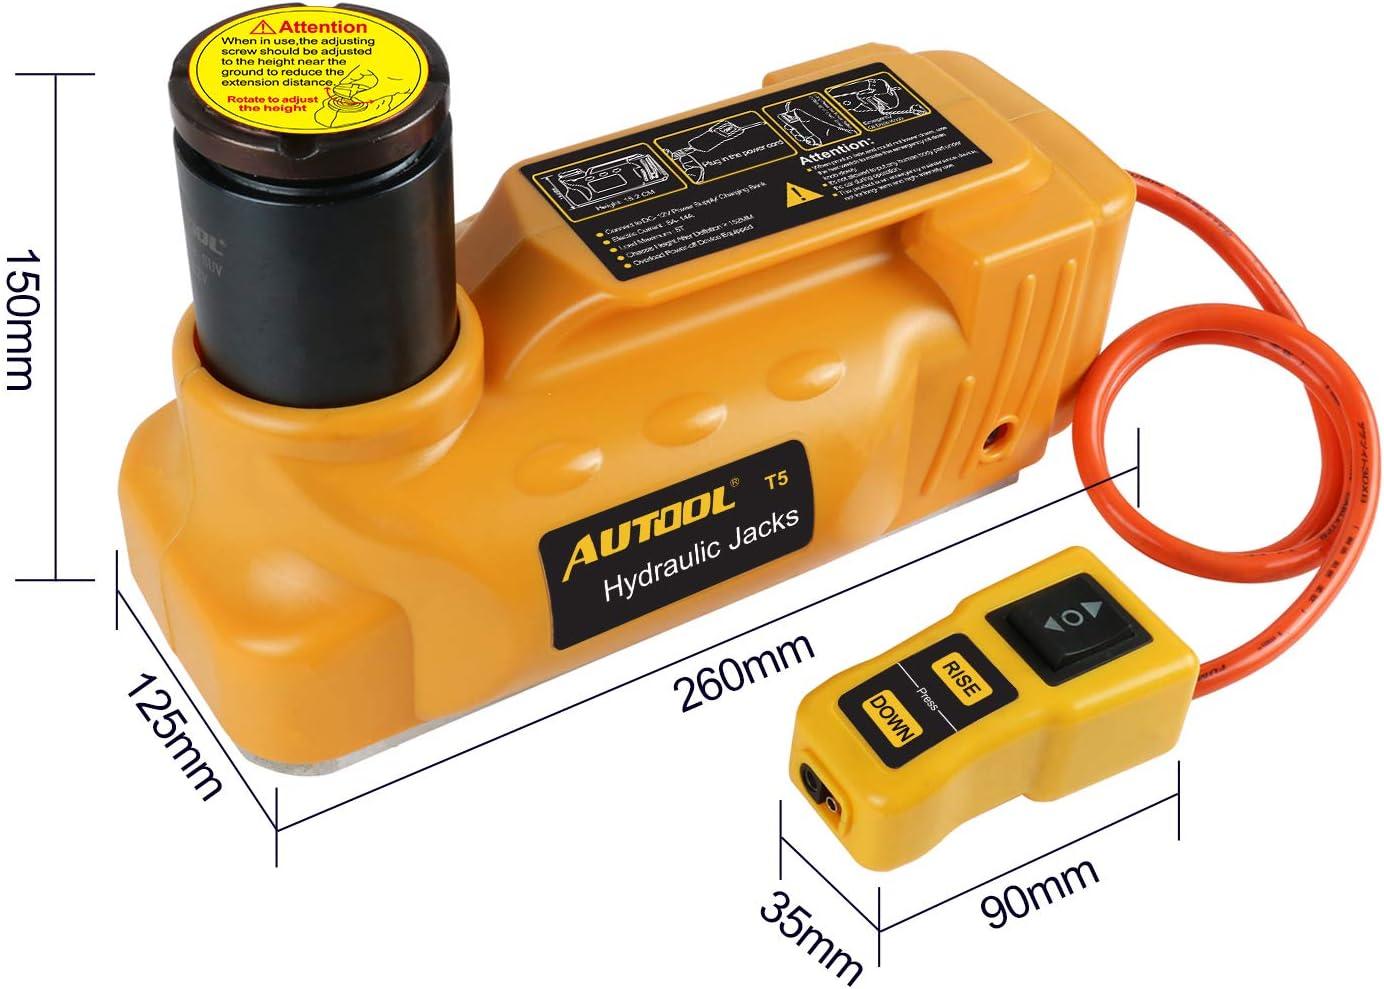 con Chiave a impulso per Riparazione Pneumatici Auto Set di cric Idraulico Elettrico da Pavimento BELEY 12 V DC per Auto Kit cric Universale per Veicoli